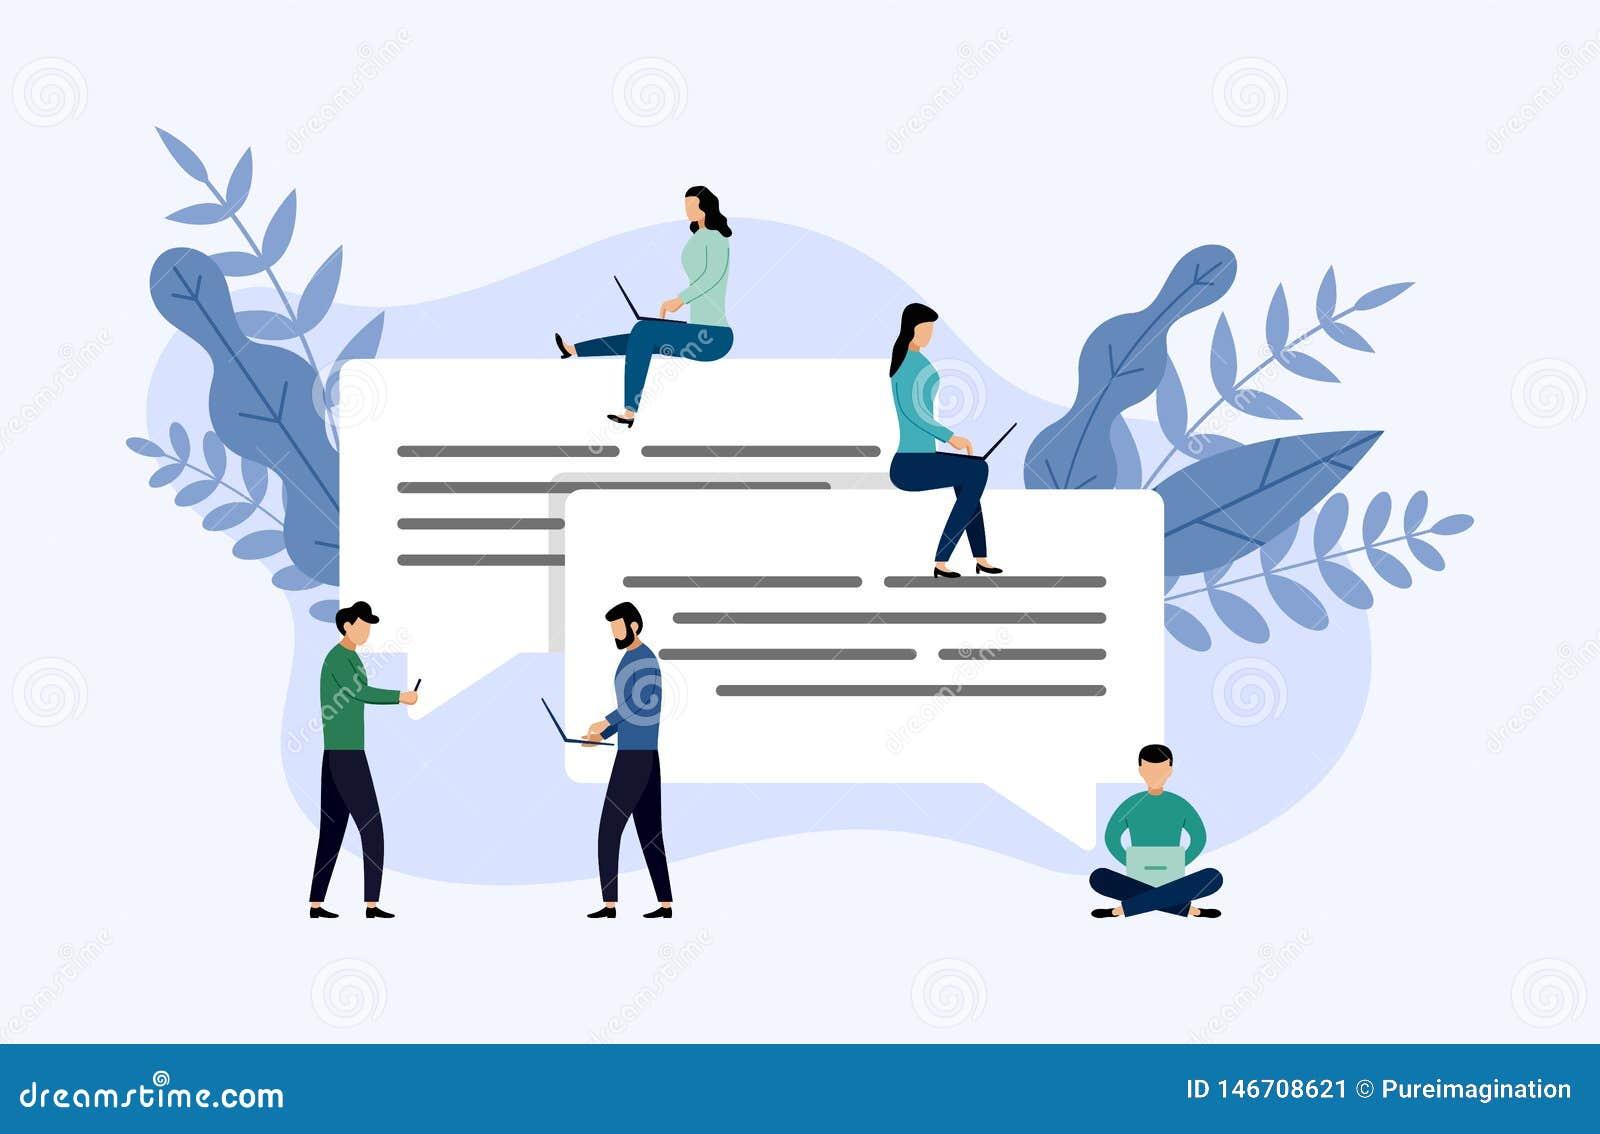 Συνομιλία φυσαλίδων μηνυμάτων, σε απευθείας σύνδεση να κουβεντιάσει ανθρώπων, επιχειρησιακή έννοια